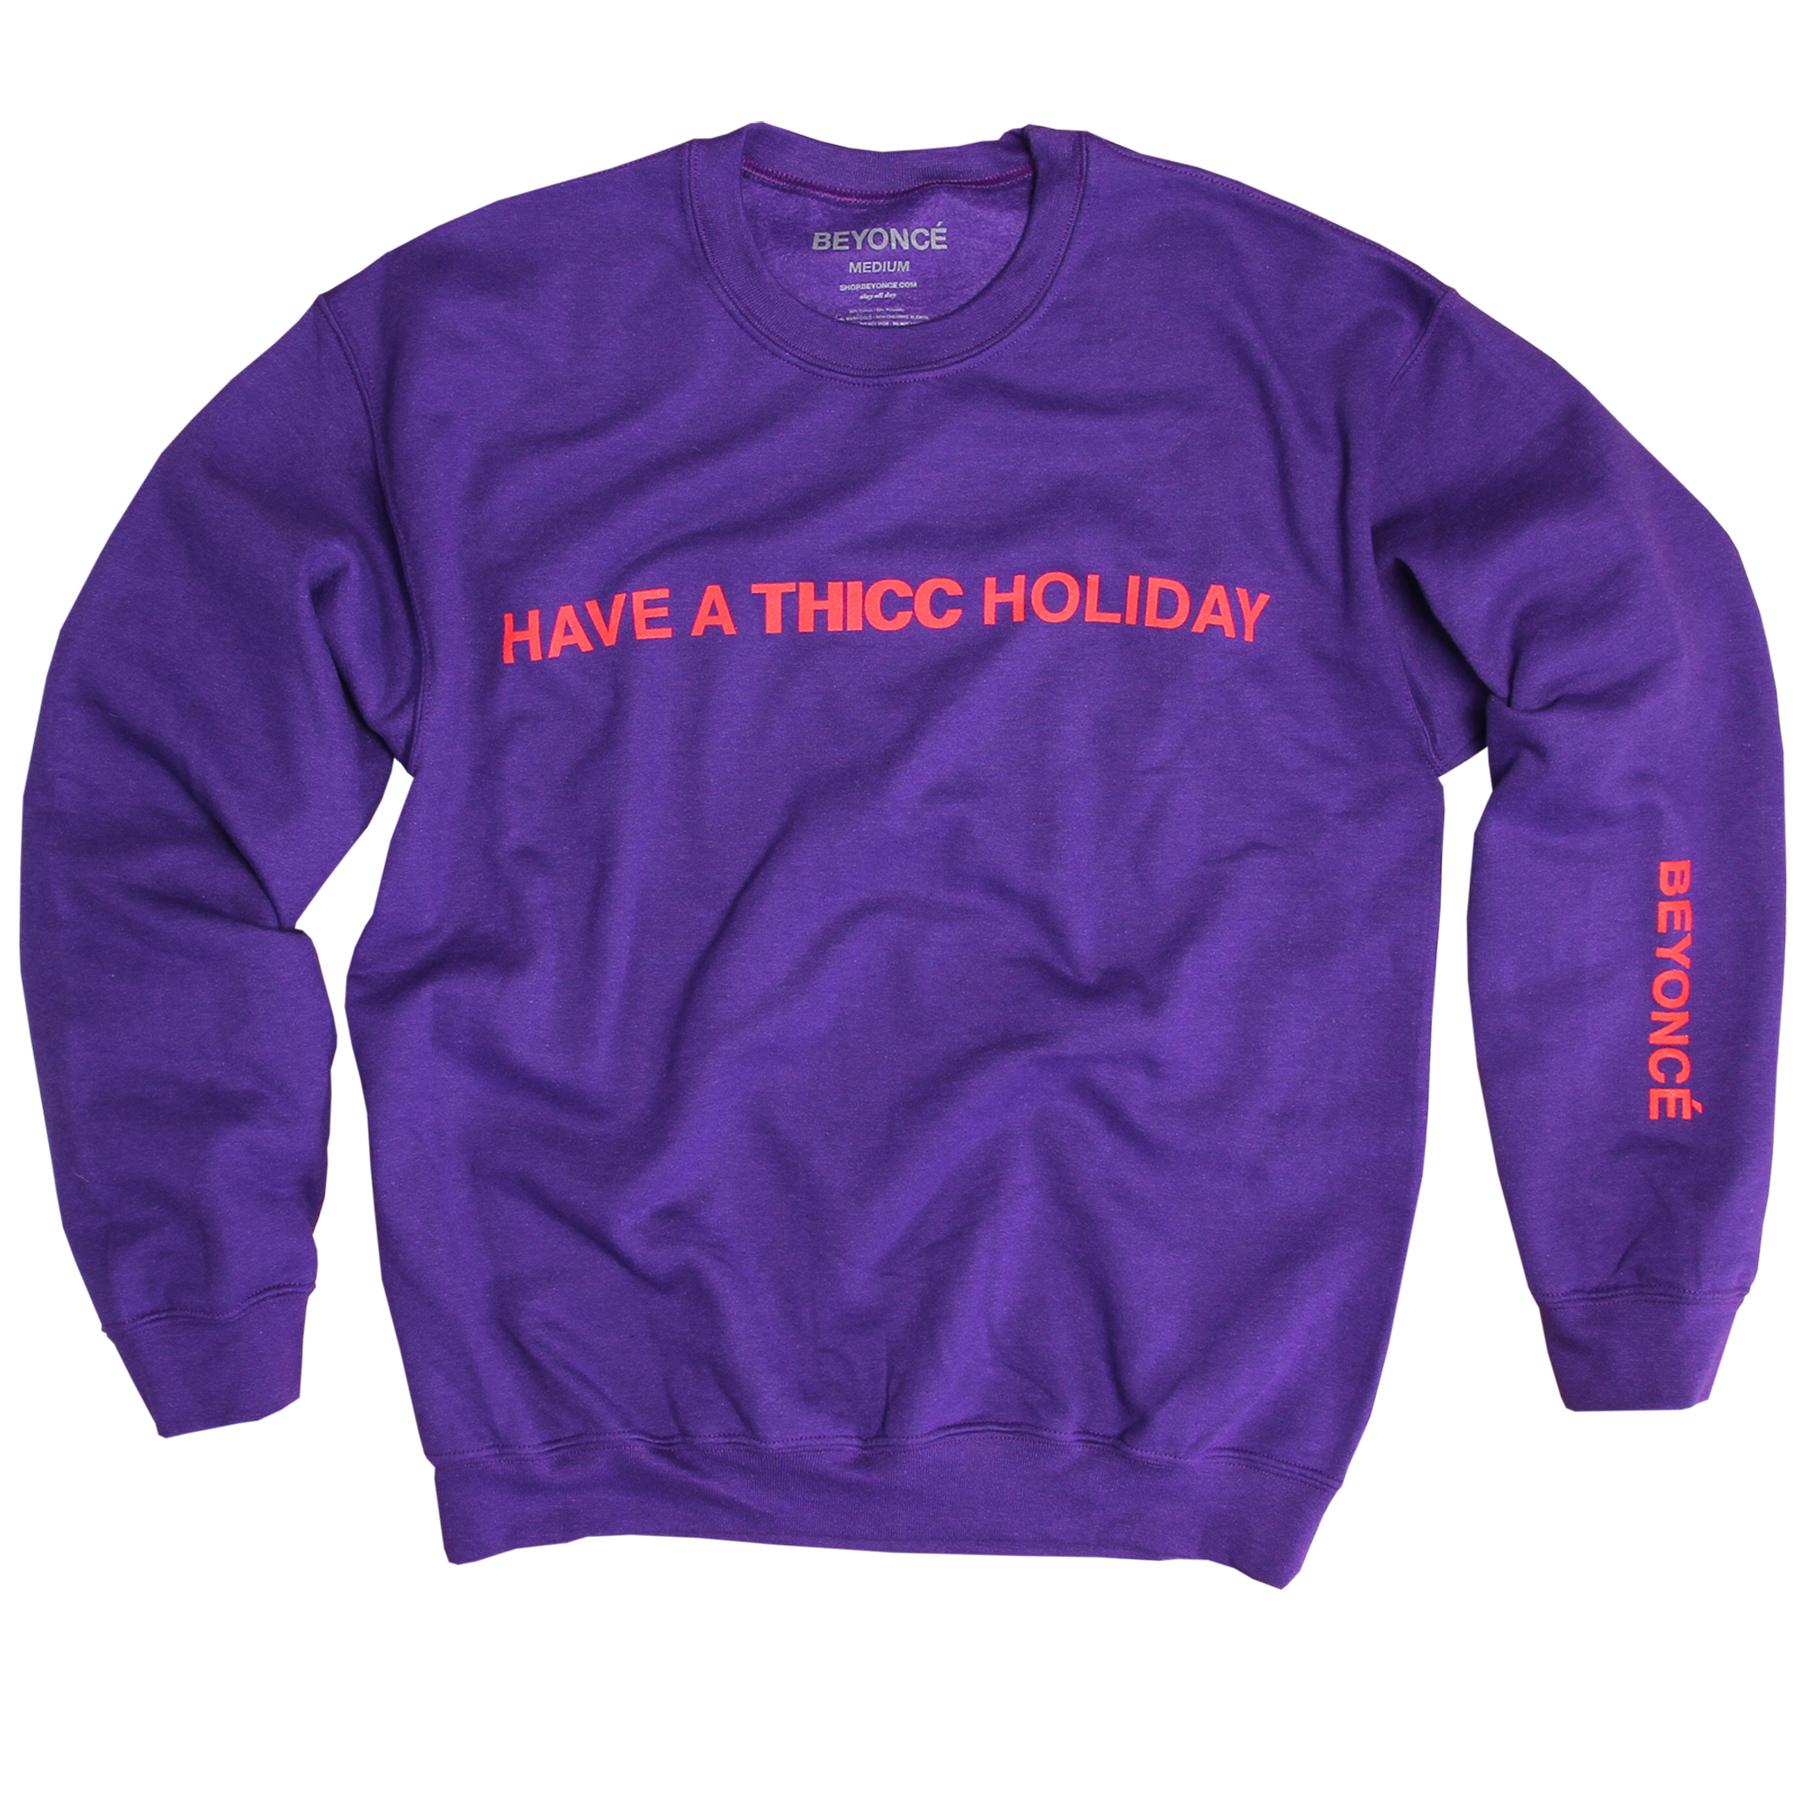 Beyonce Holiday Merchandise